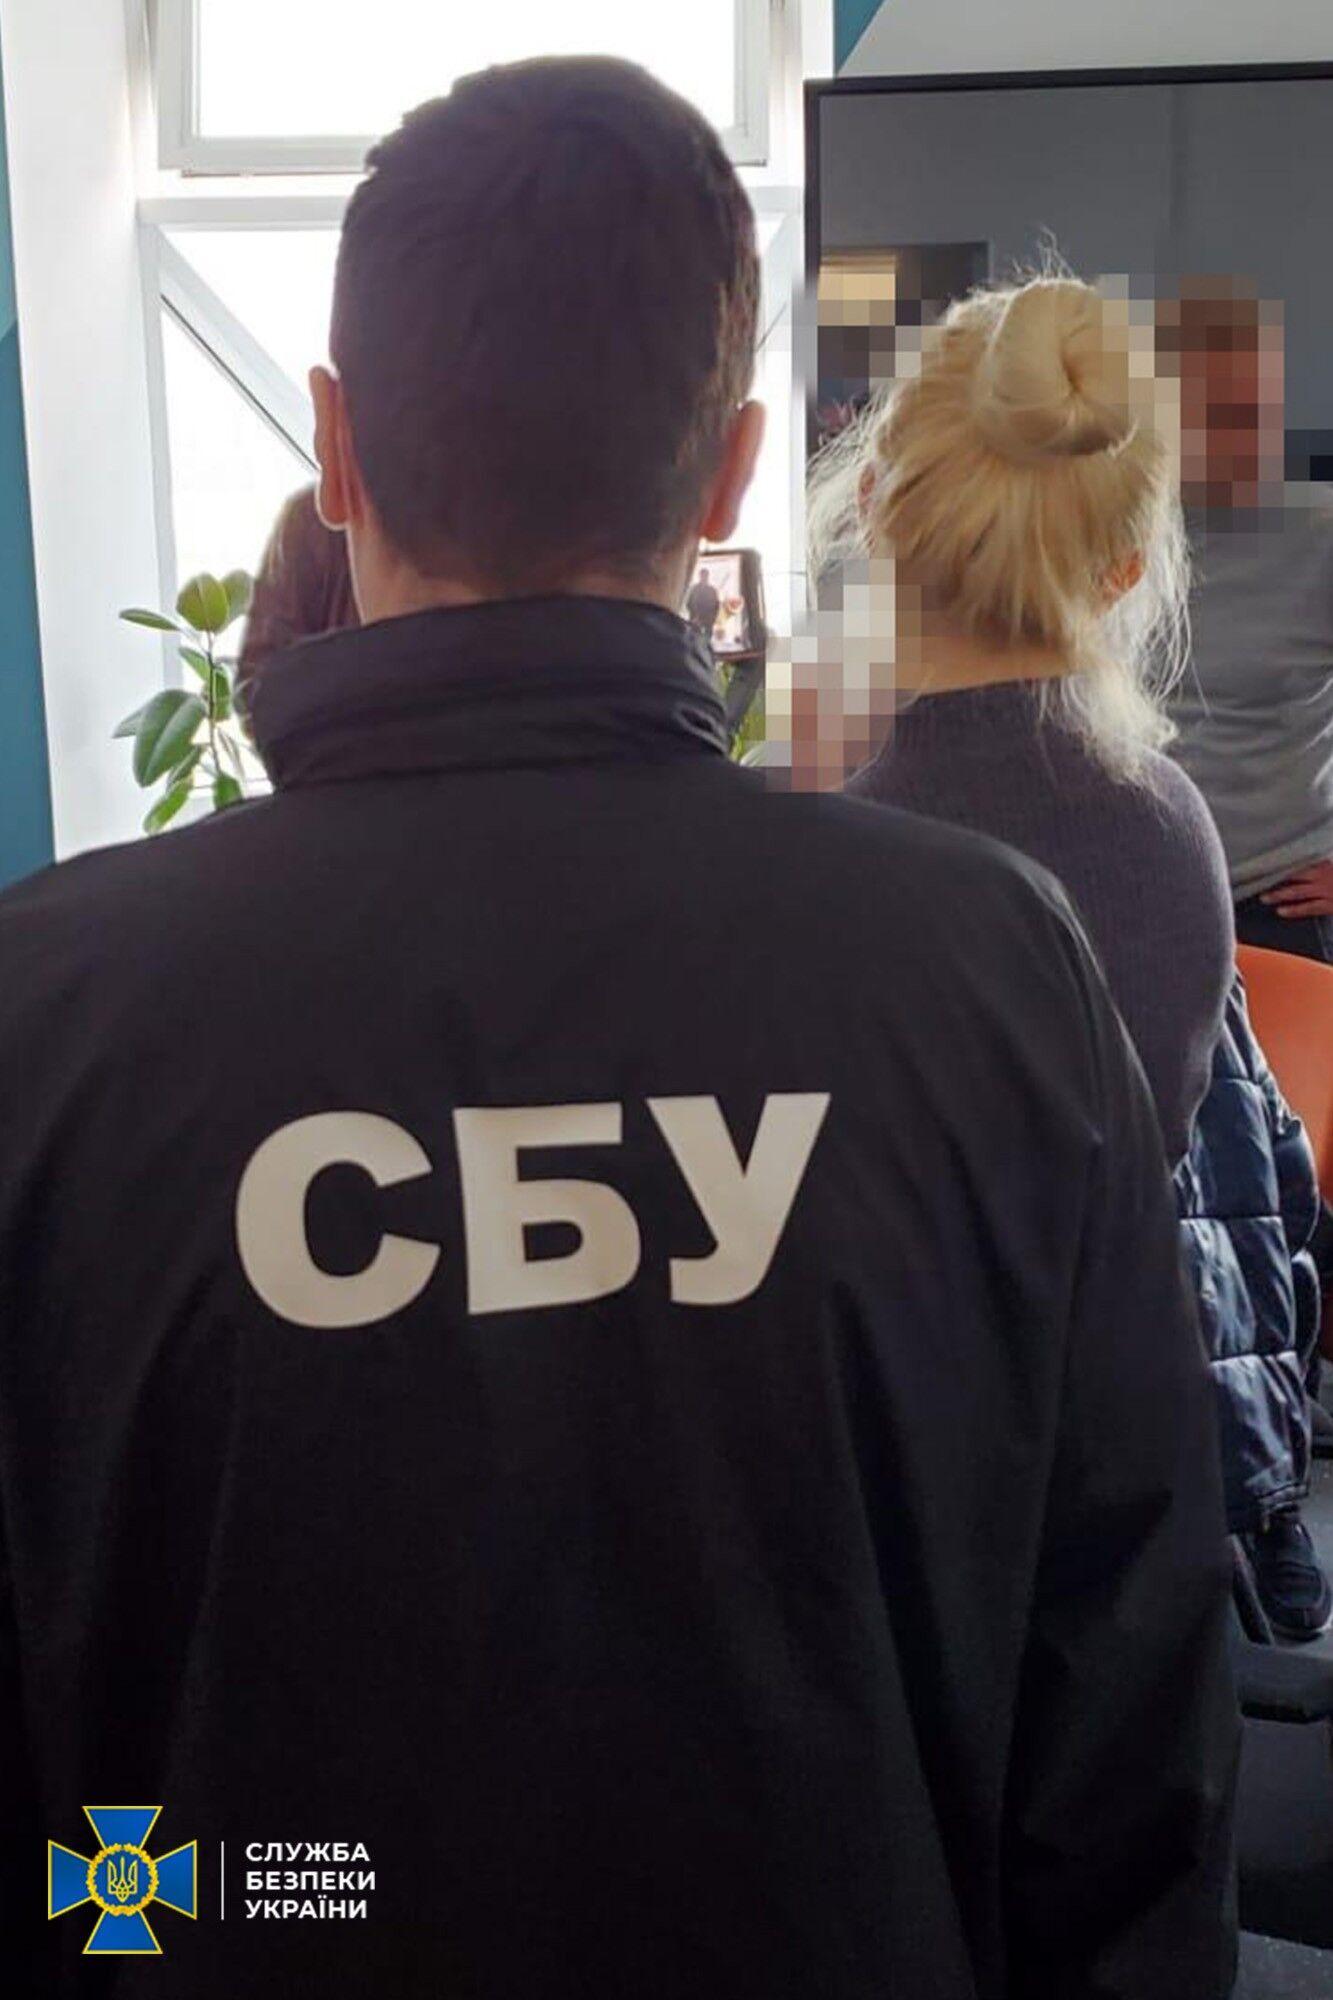 СБУ затримала групу шахраїв, які торгували підробкою вакцини Pfizer